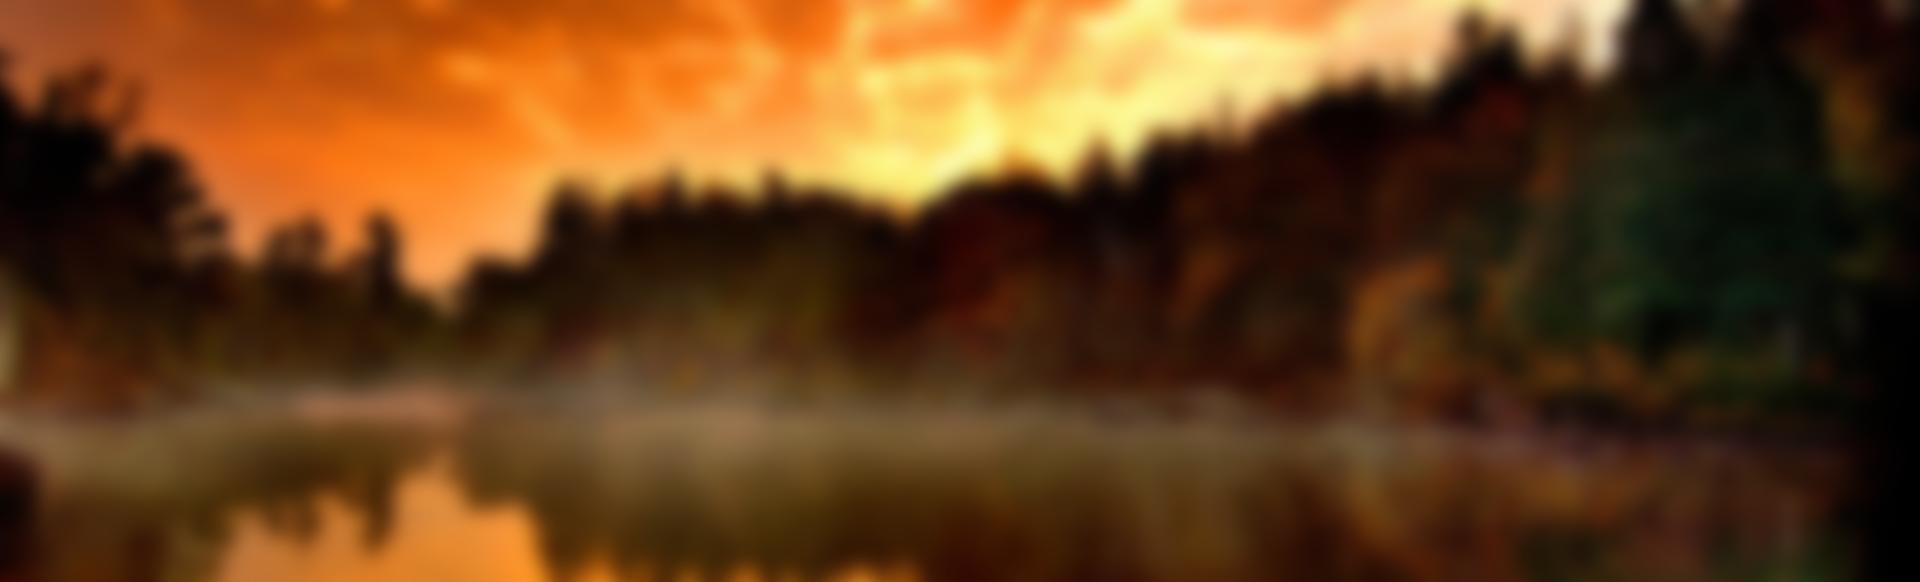 blurred2